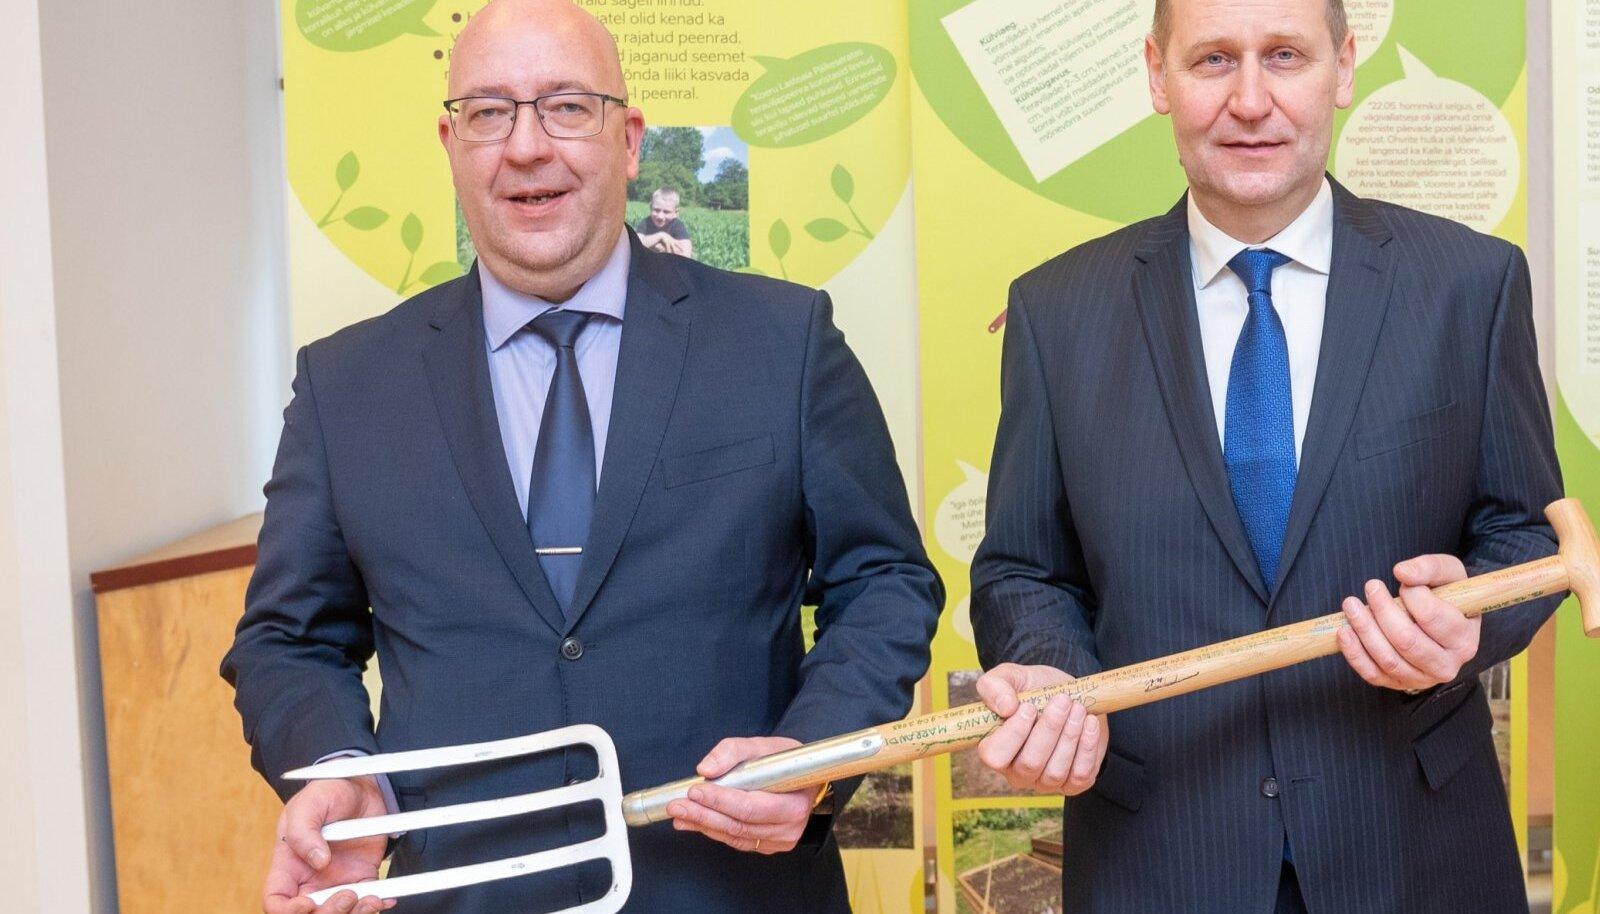 Eelmise valitsuse olulisi maaelu otsuseid muutma ei hakata, lubas uus maaeluminister Urmas Kruuse, võttes lahkuvalt ministrilt Arvo Allerilt üle sõnnikuhargi.